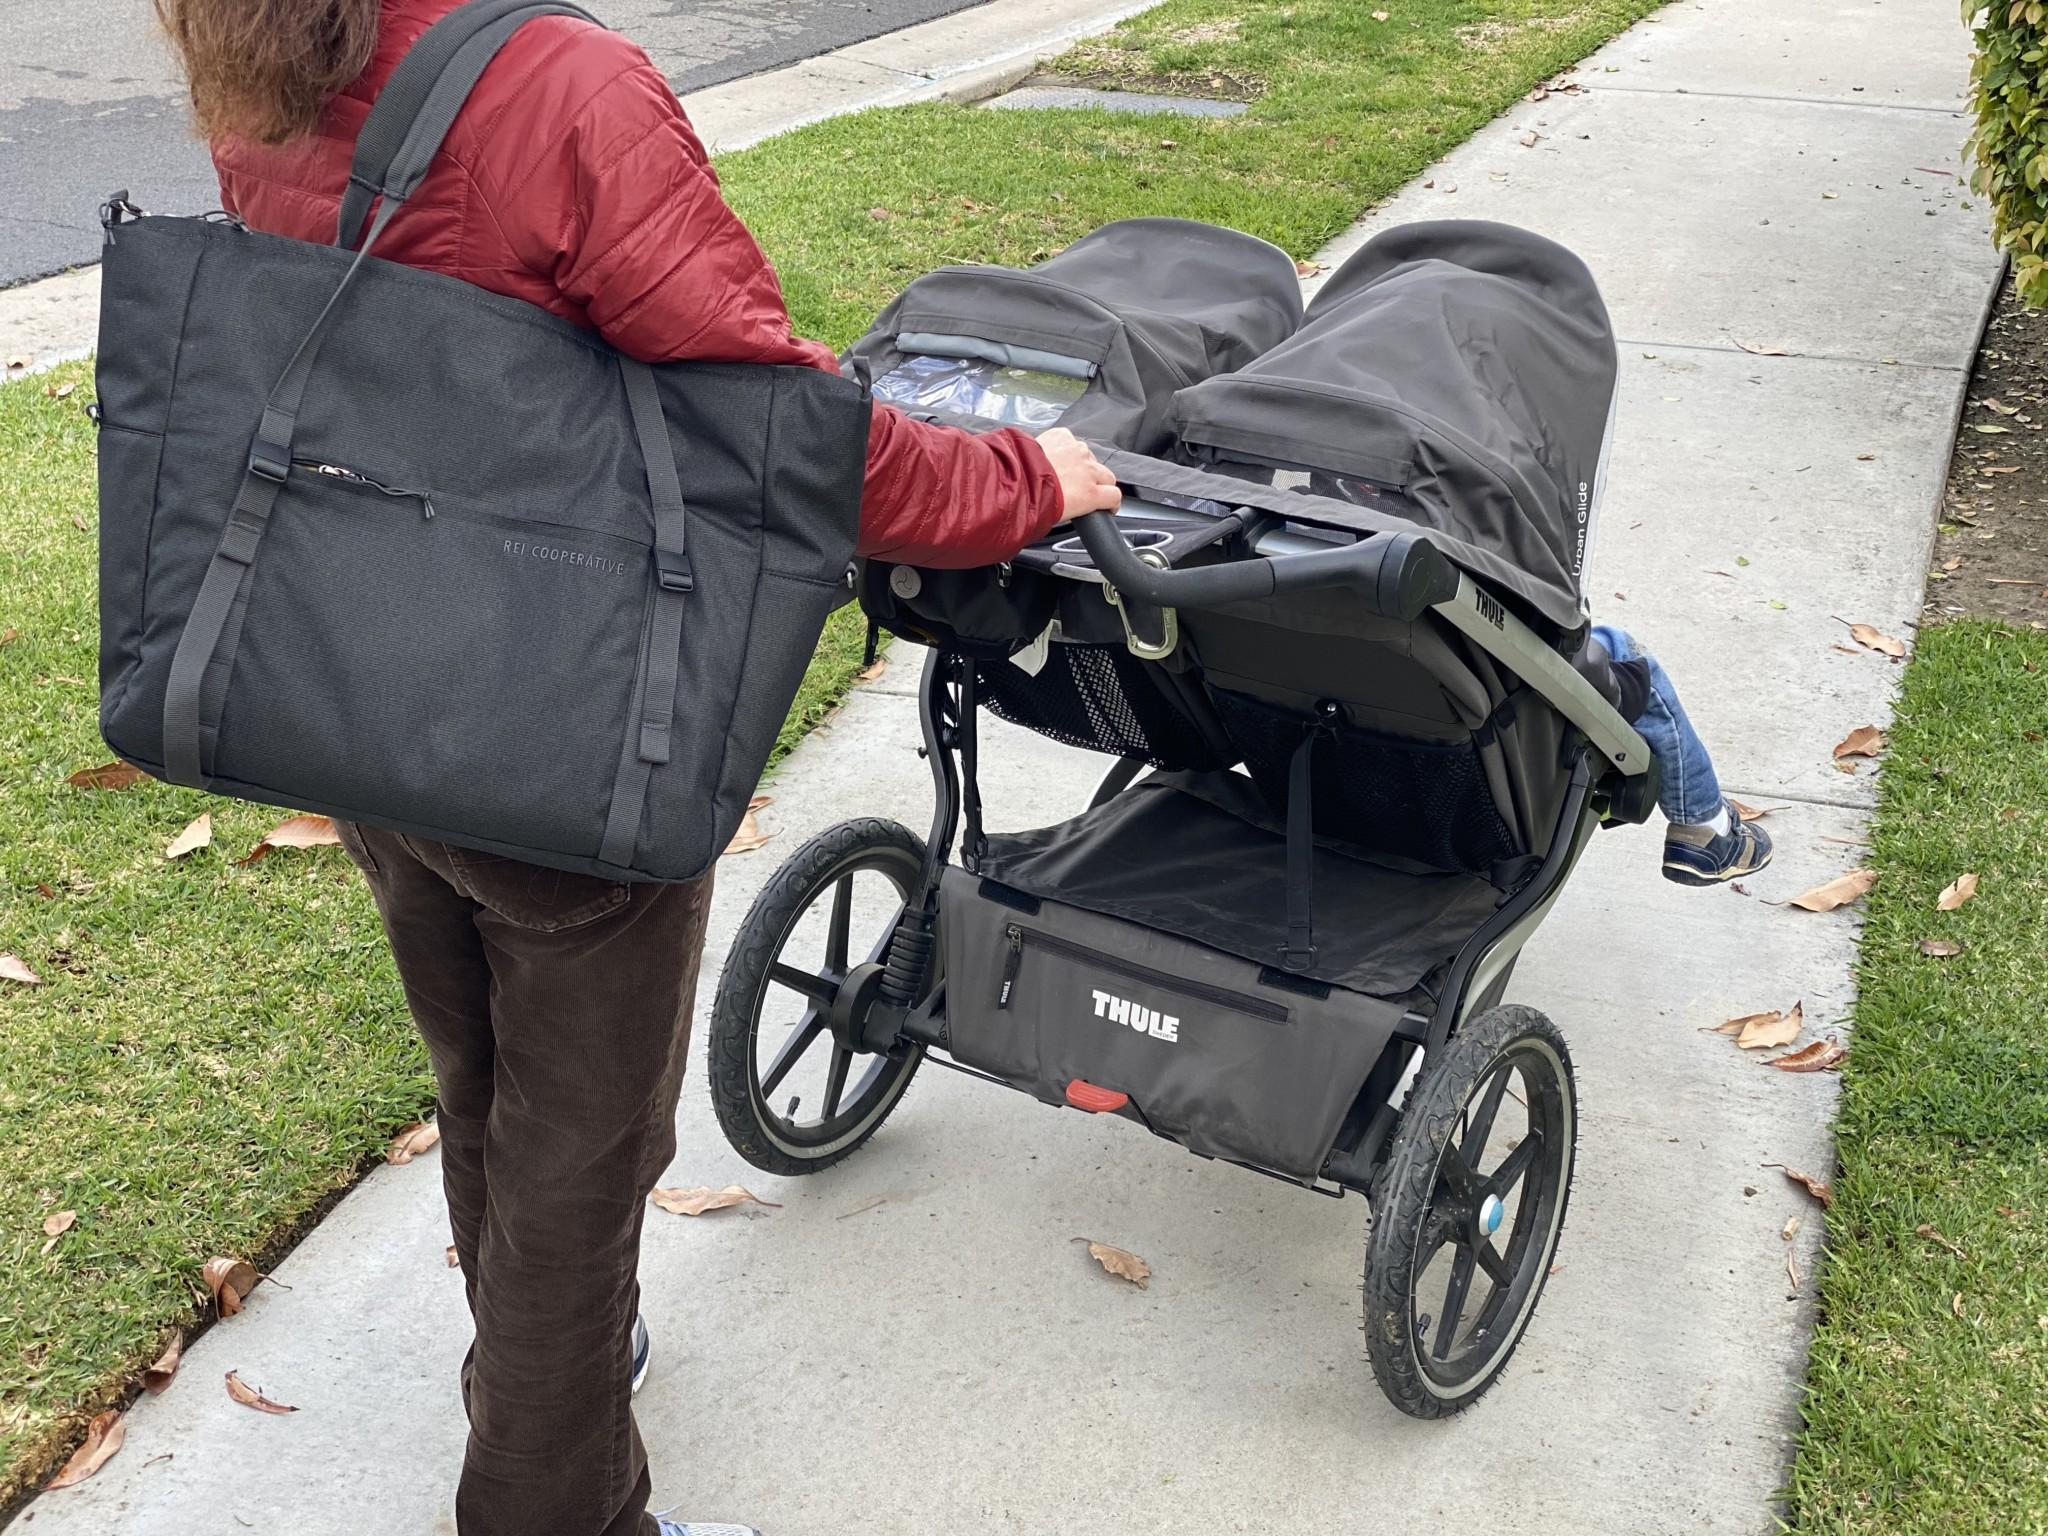 REI Co-op gear for moms